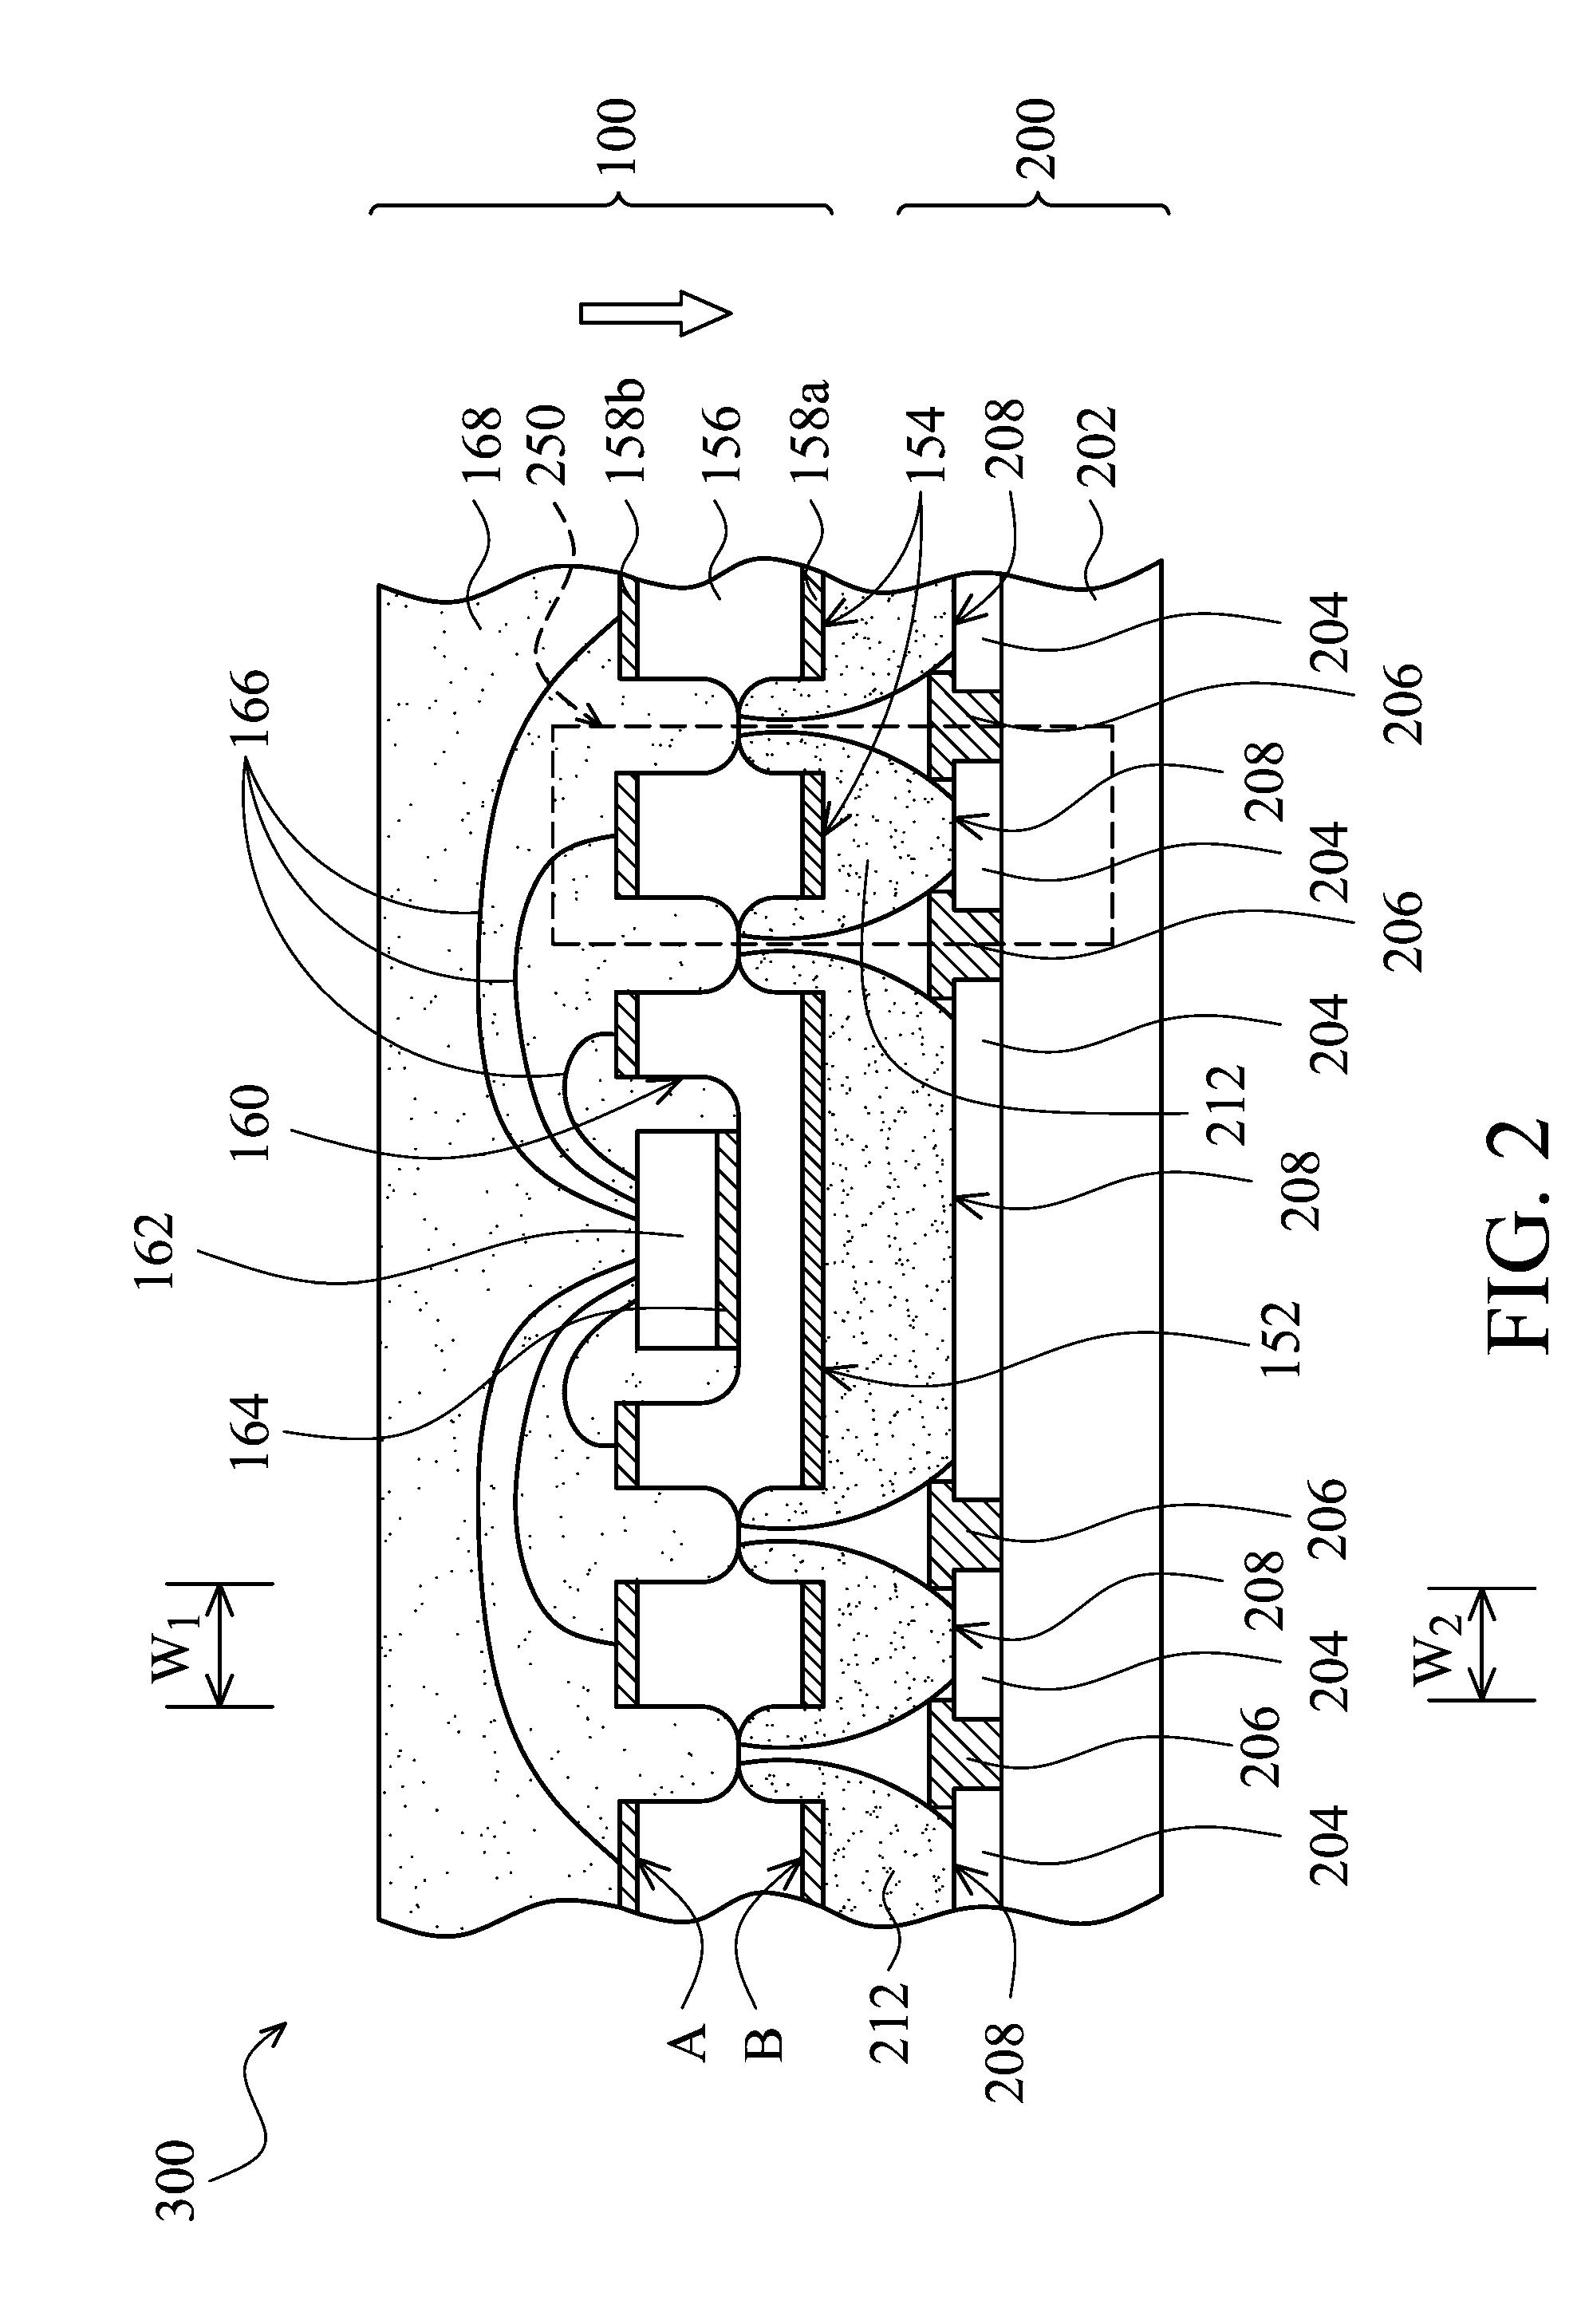 patent us20120140427